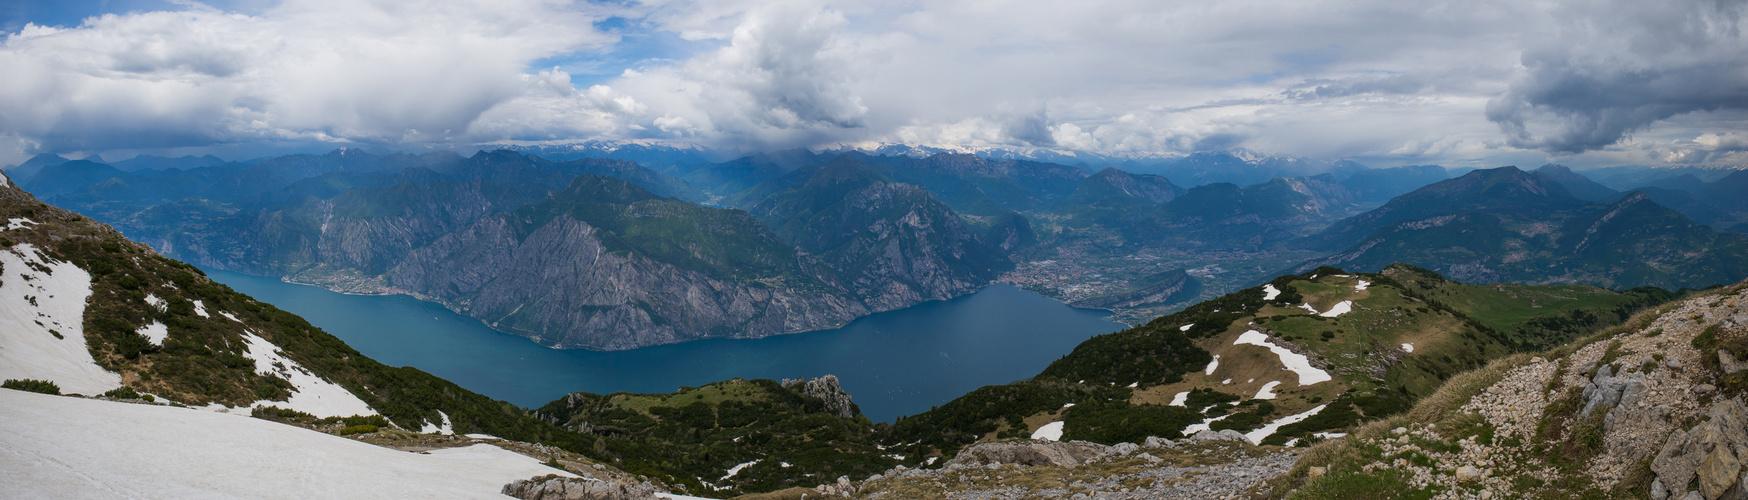 Pano Gardasee vom Monte Altissimo